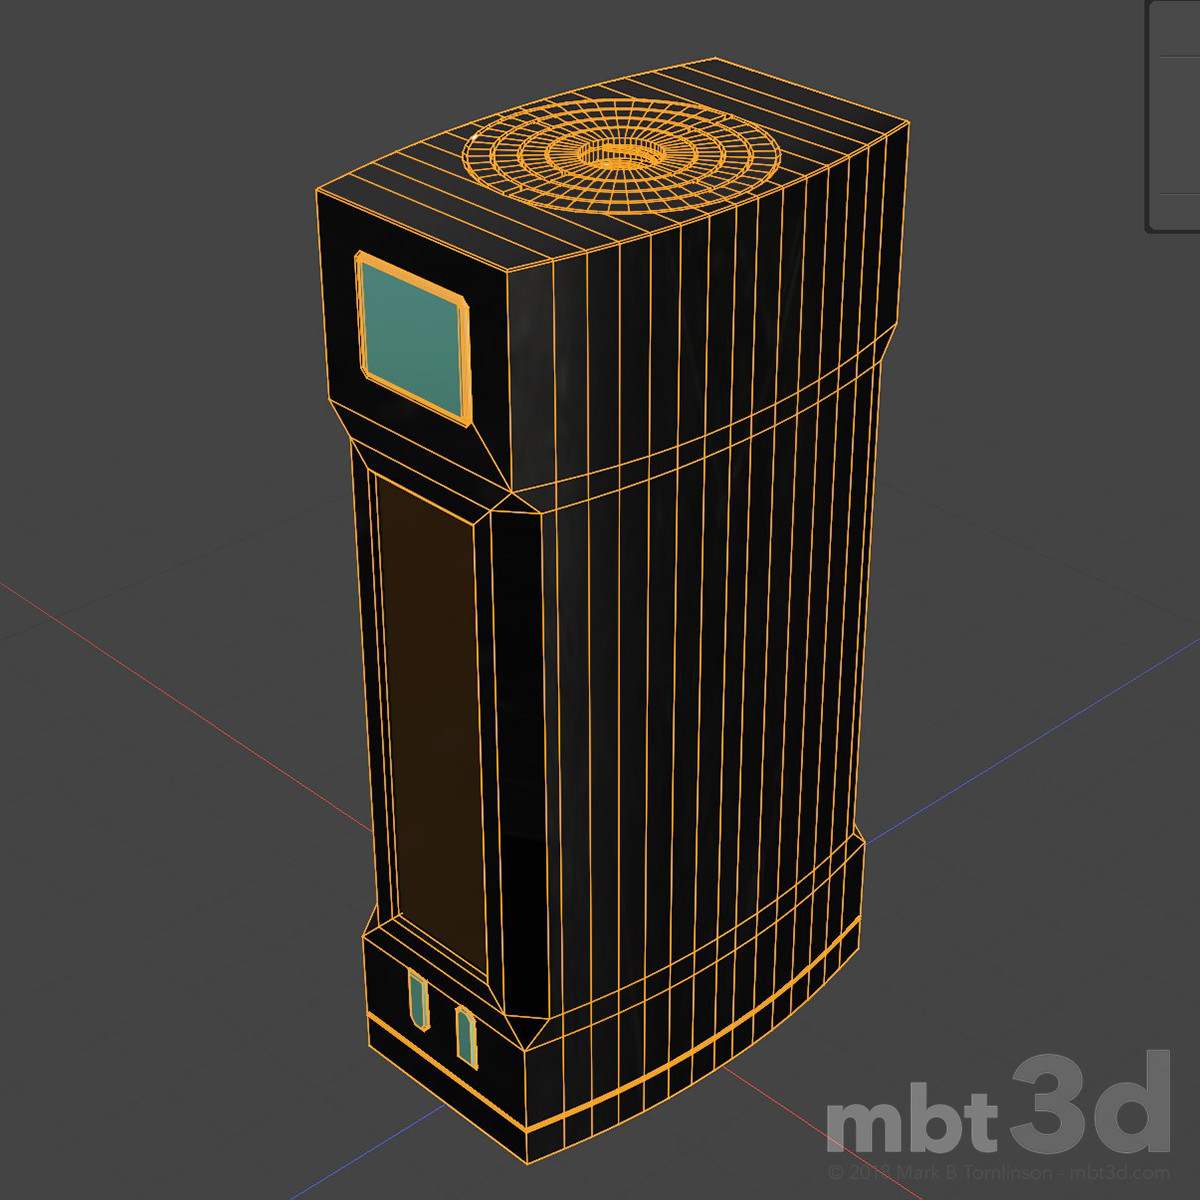 MODO Mod Box: Wire